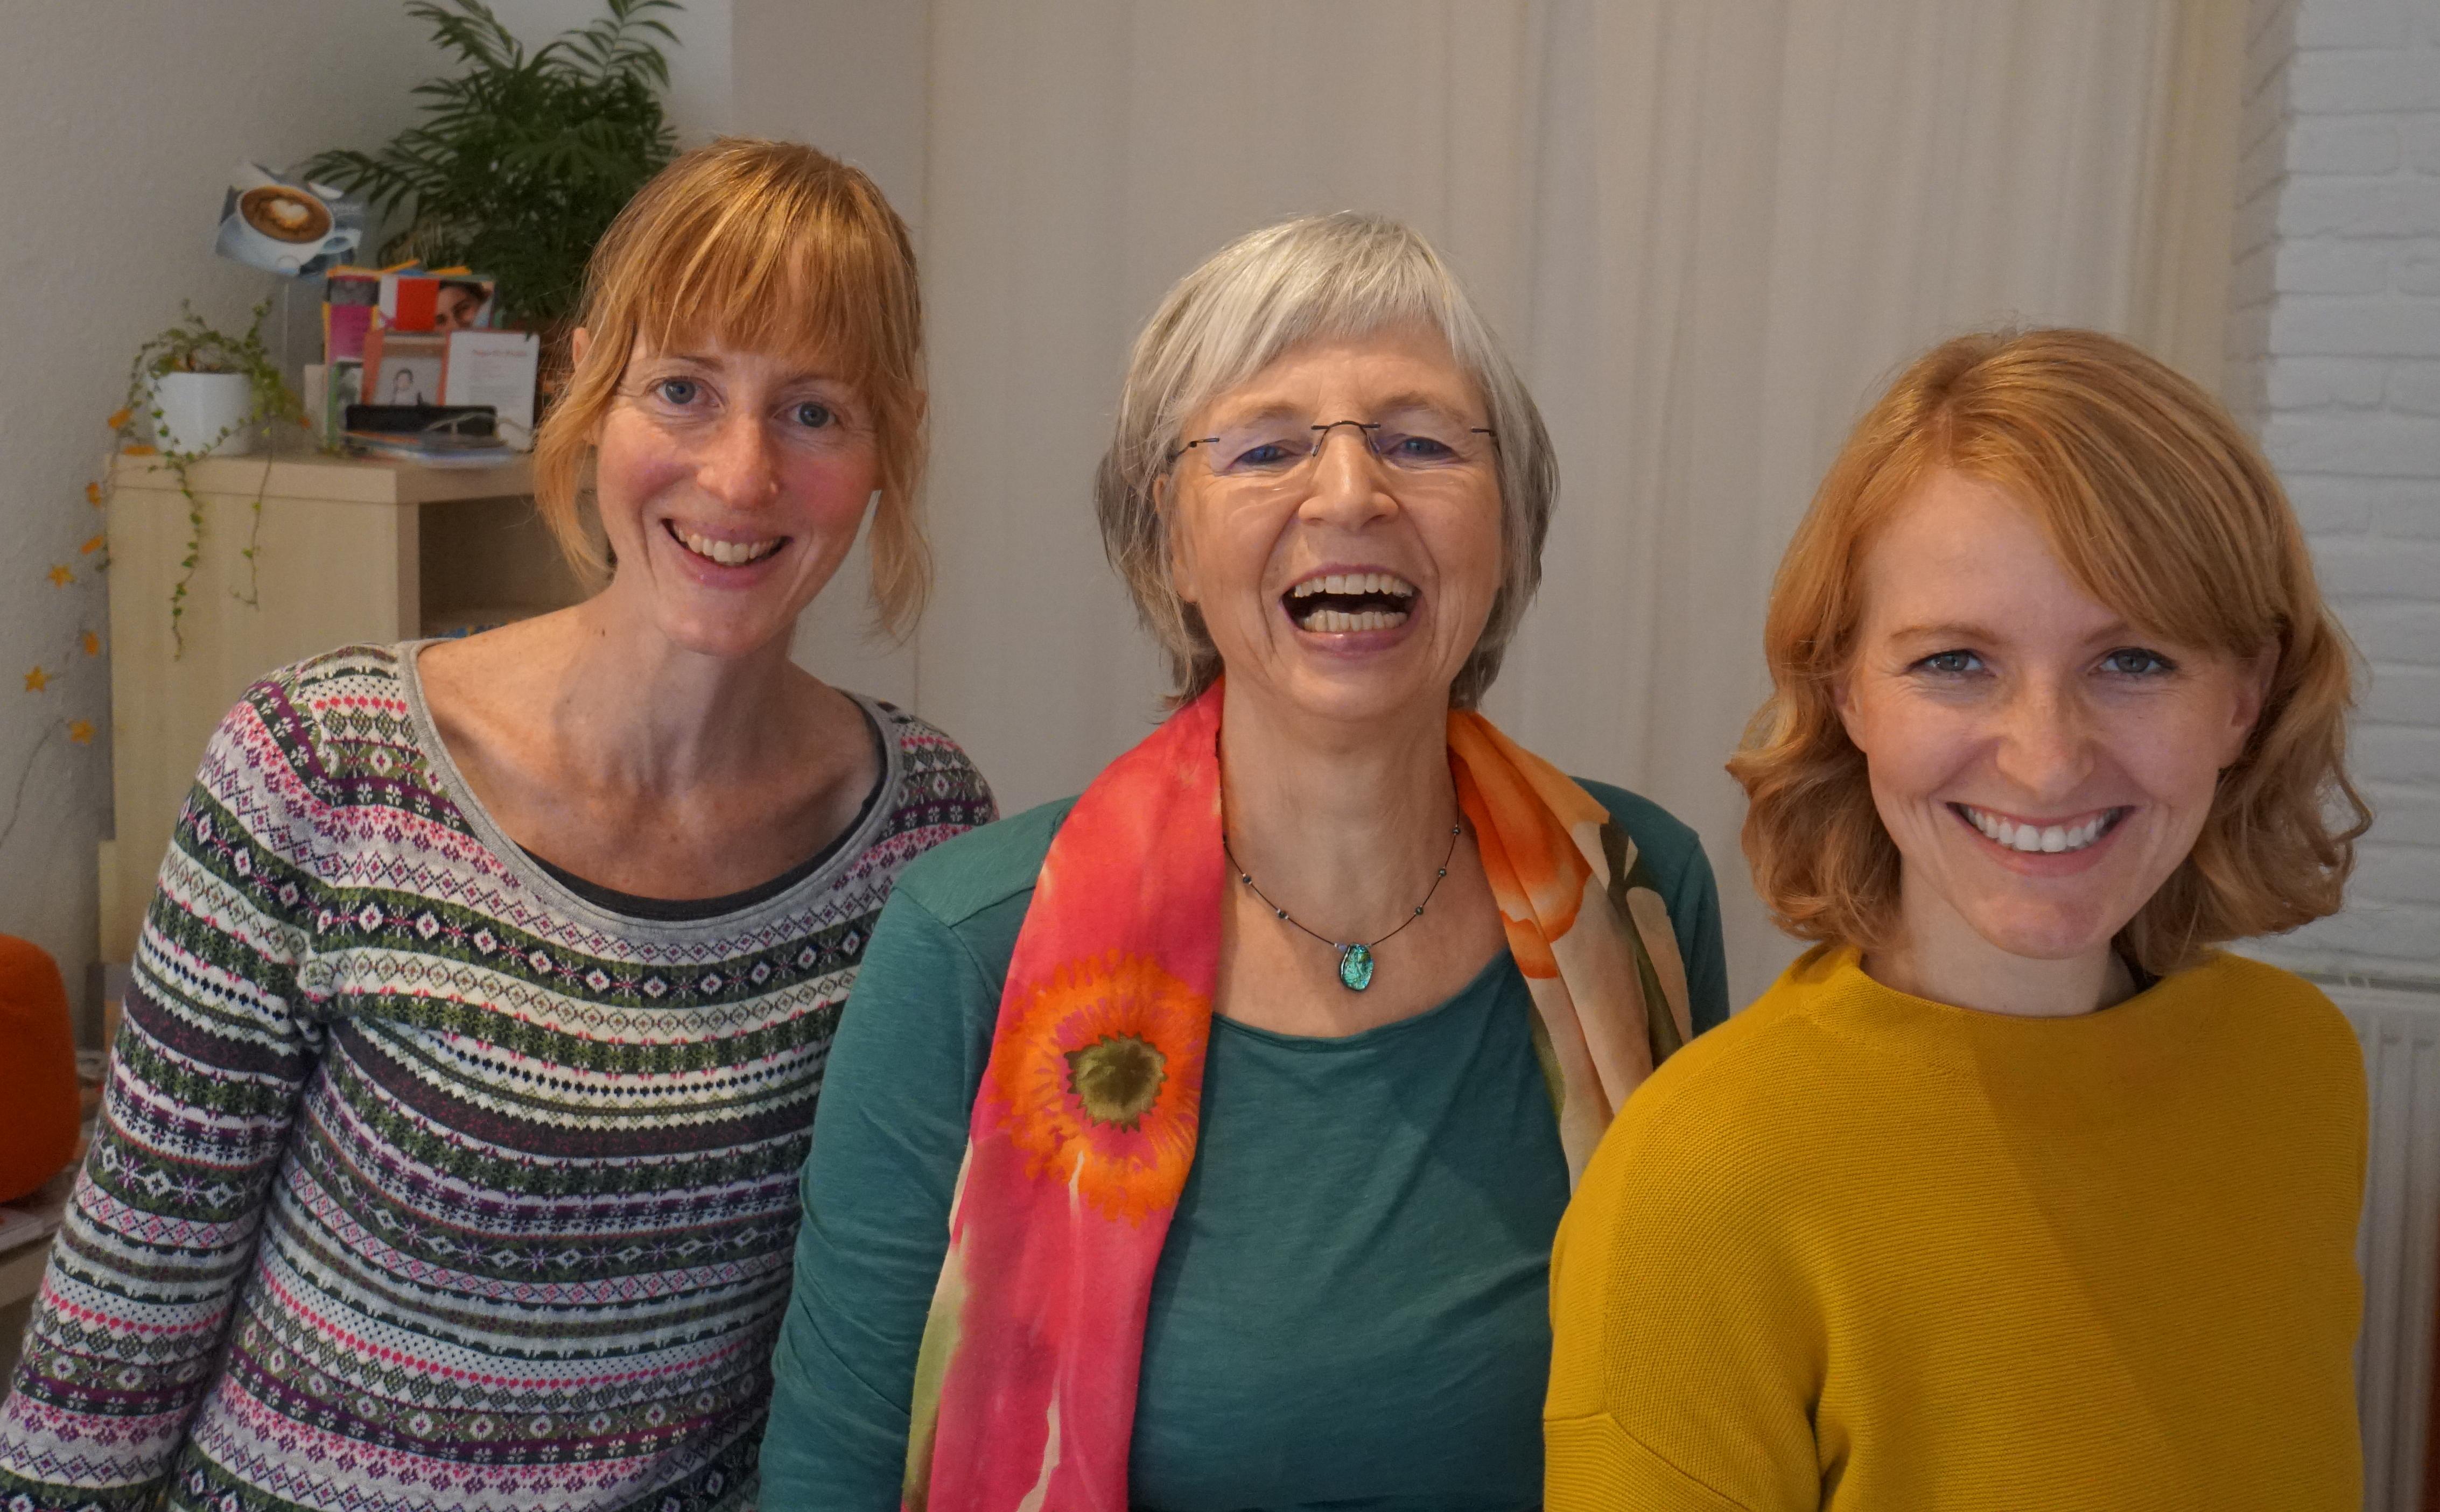 Das Team der Praxis Goffart strahlt in die Kamera - von links nach recht: Ruth Englich, Sabine Goffart und Sarah Peitz